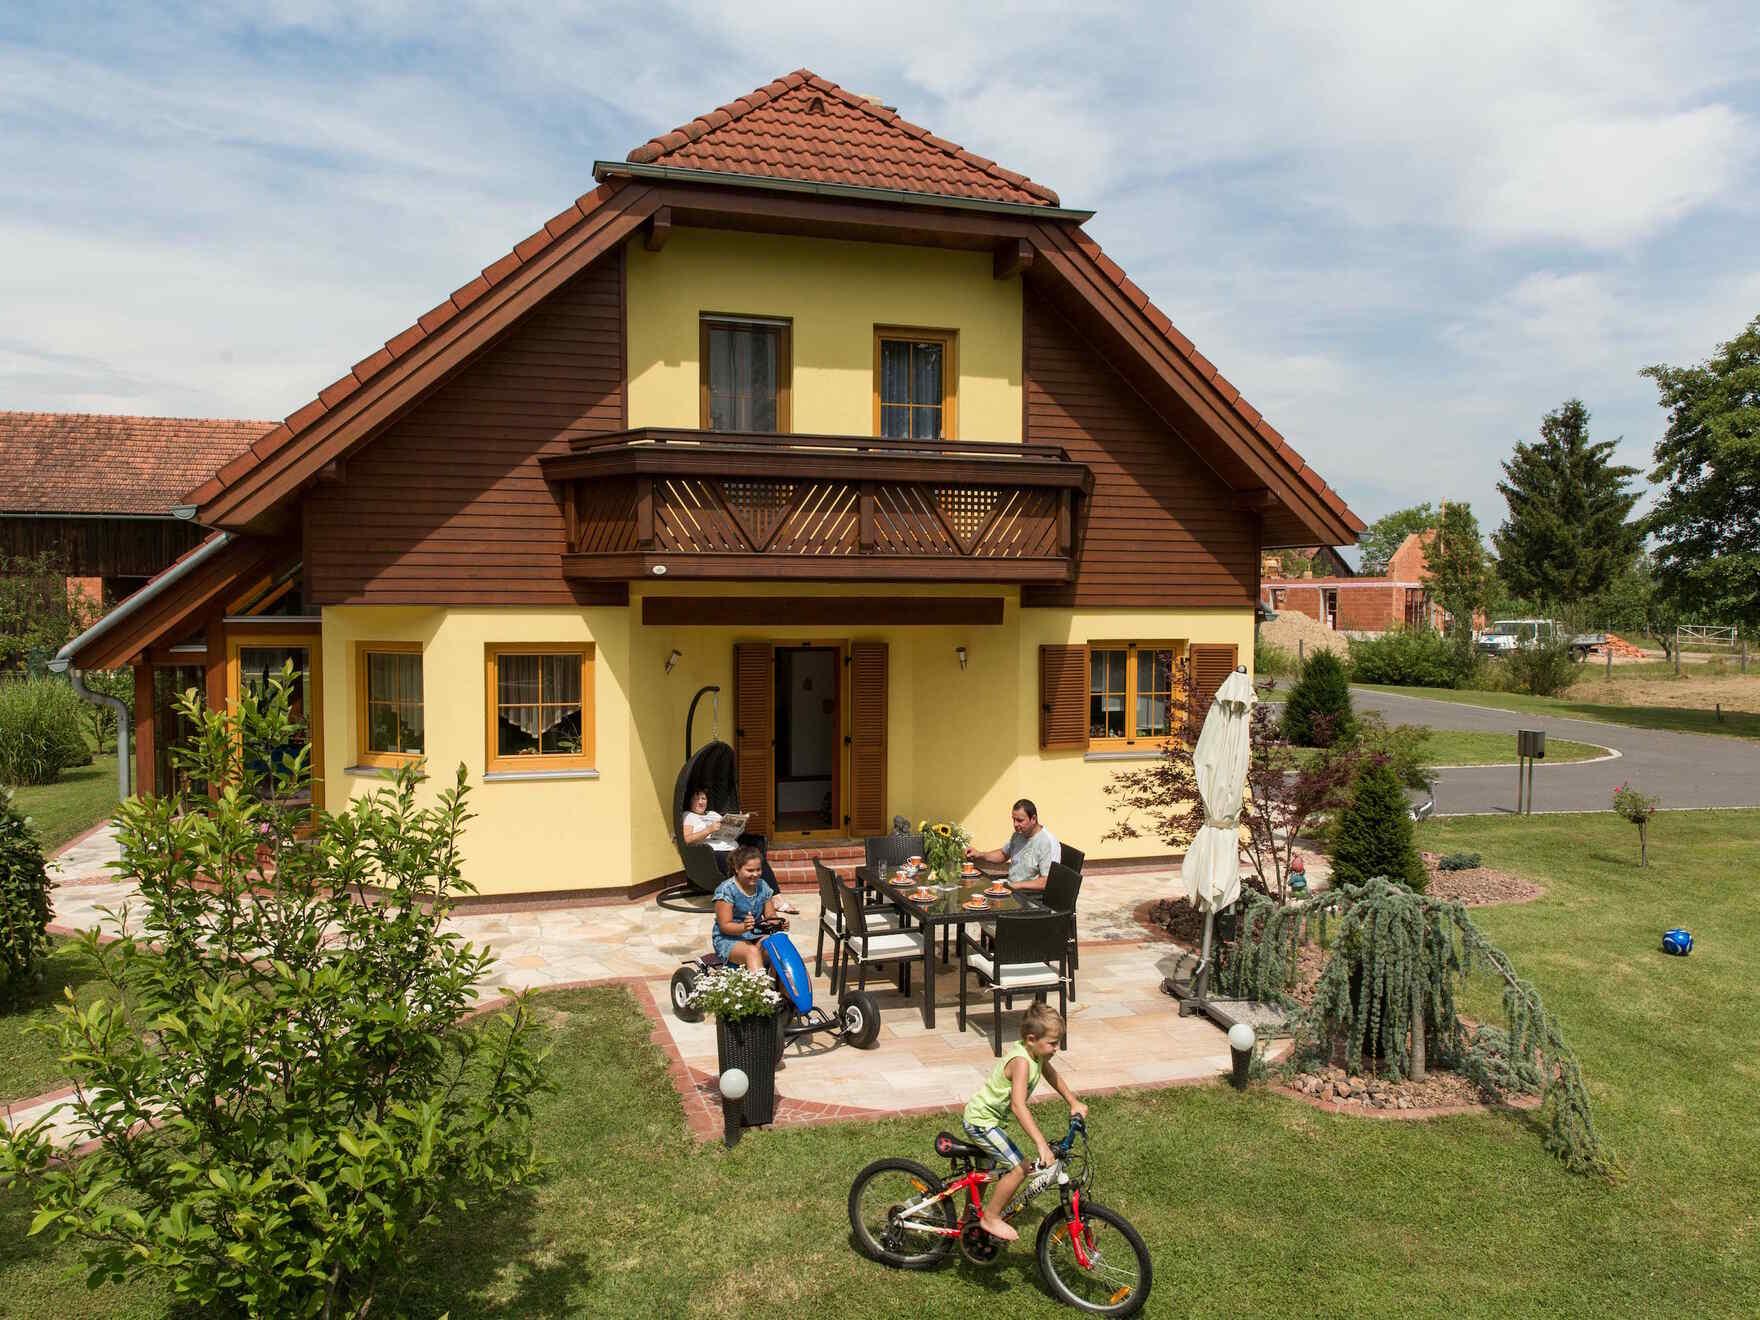 Familie Haas | Referenzen | Besser gebaut | VARIO-HAUS Fertigteilhäuser